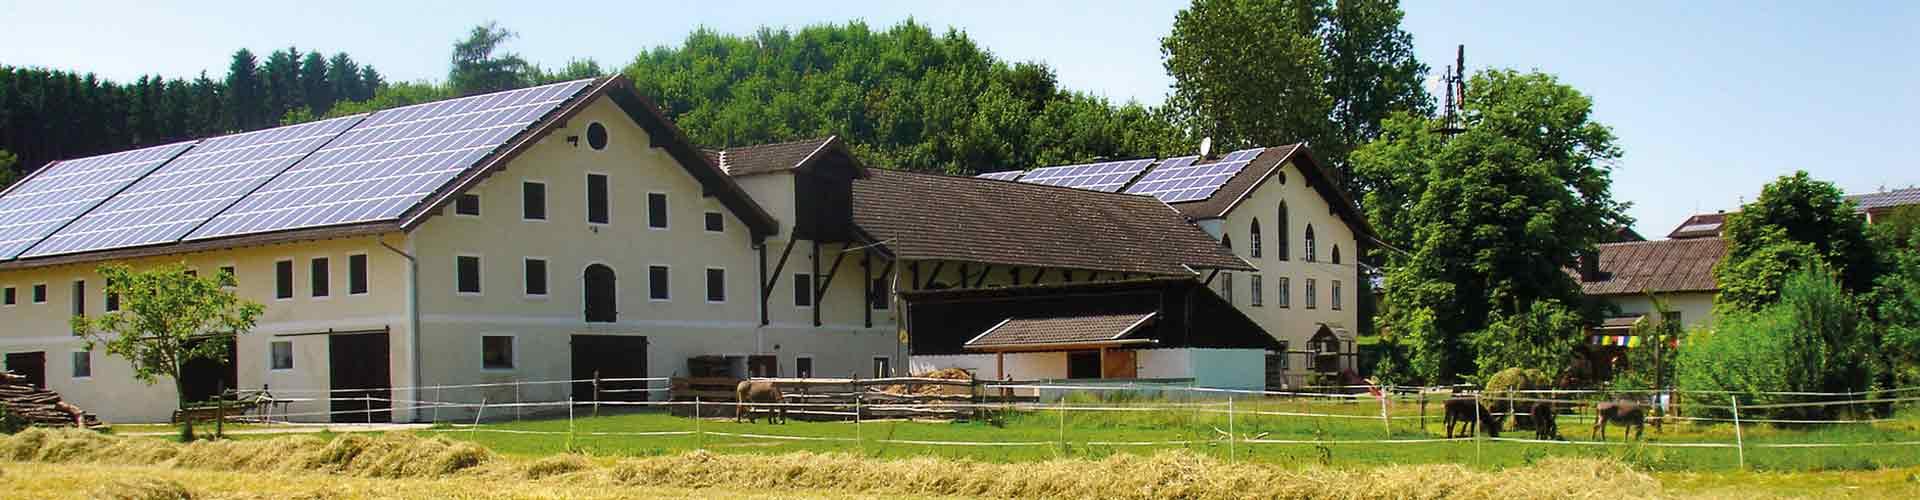 Der-Hof-1920x500px